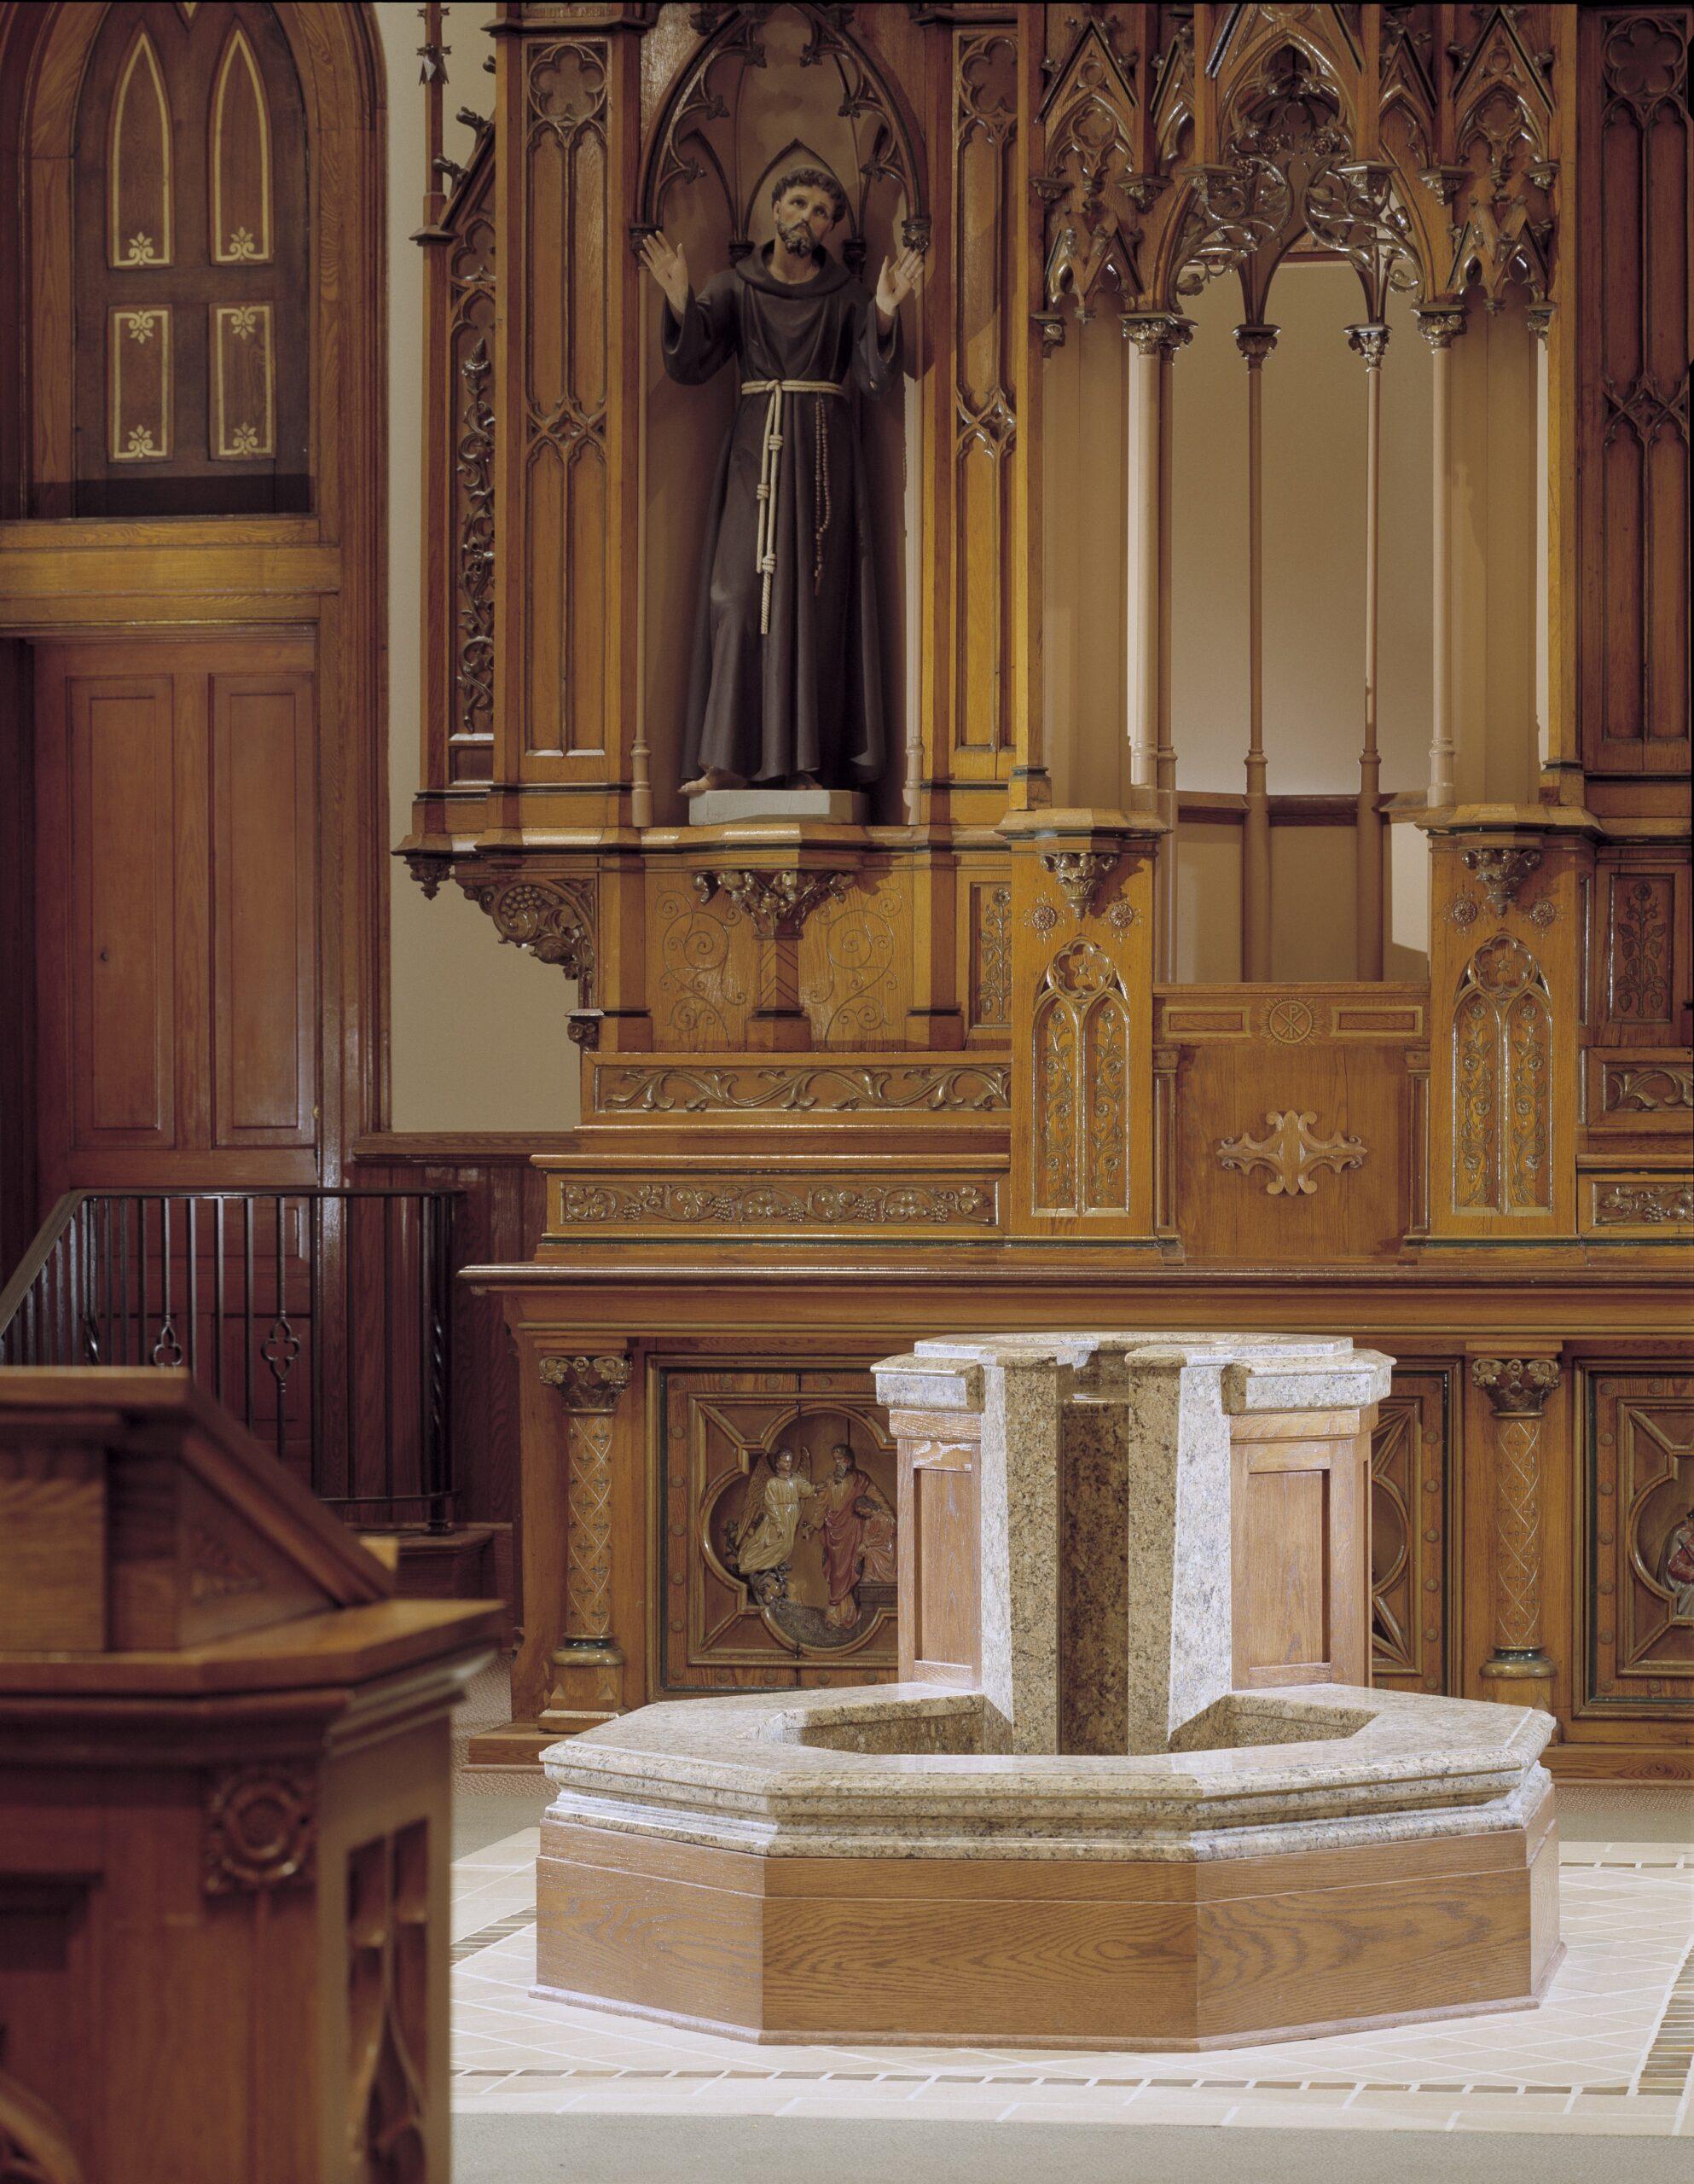 baptismal-font-st-bonaventure-view-detroit-mi-by-water-structures